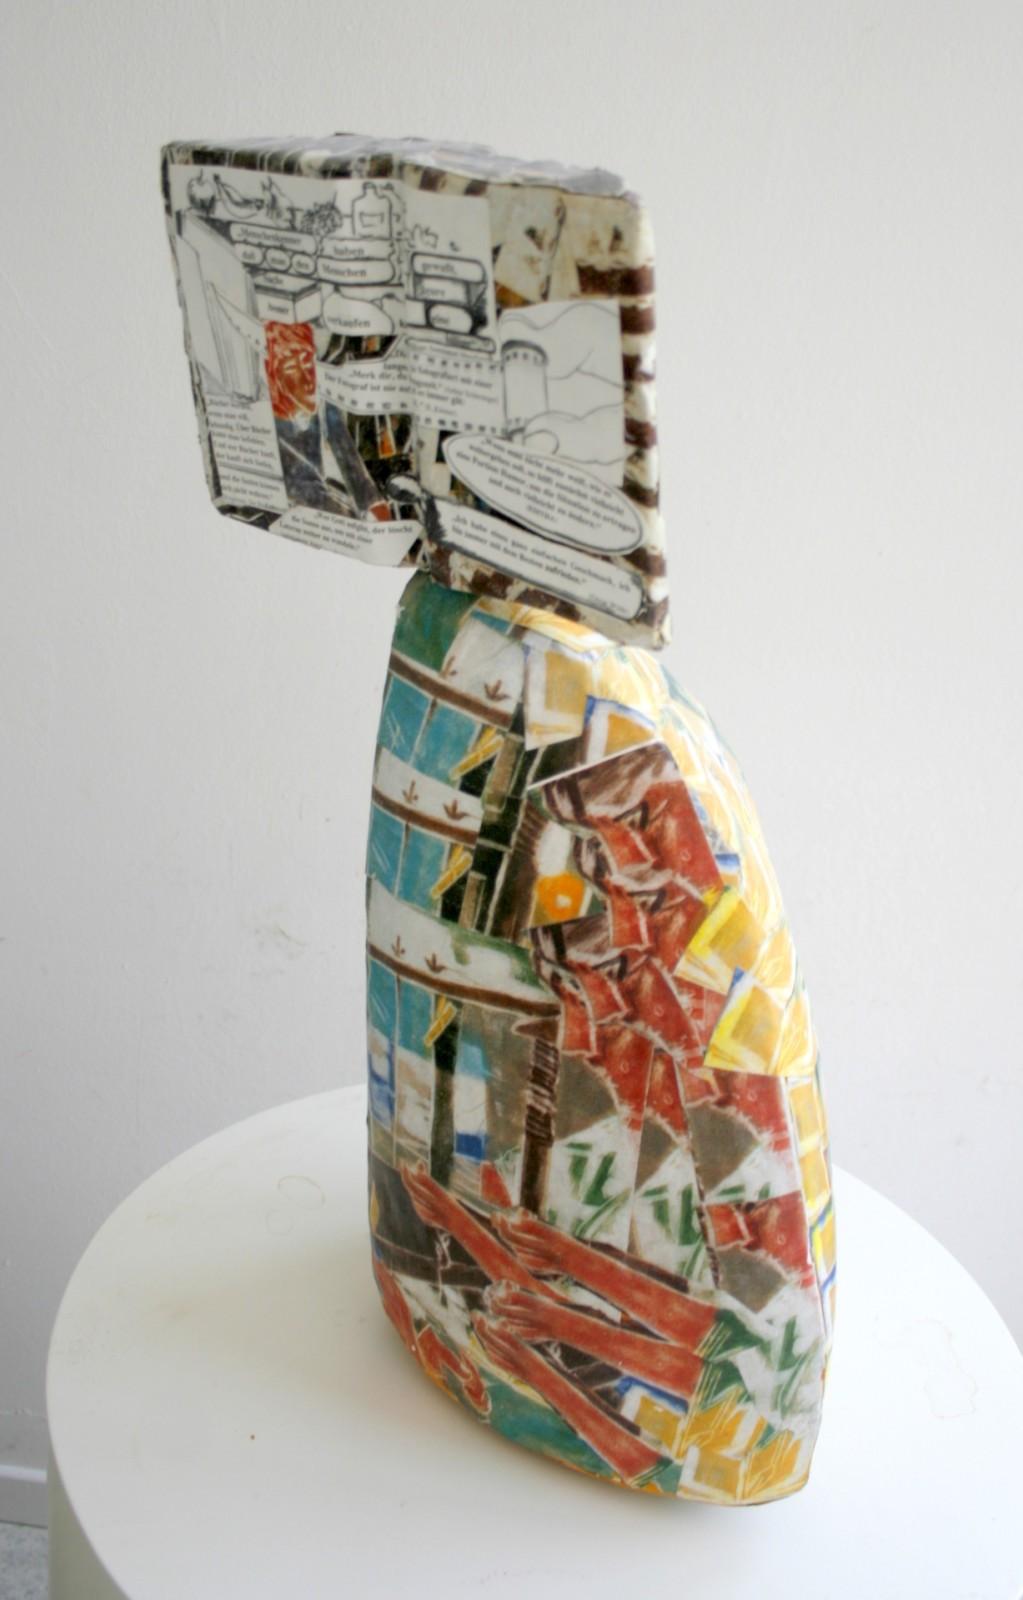 Kleine Leserin, KUULlu von EDITHA, 2011